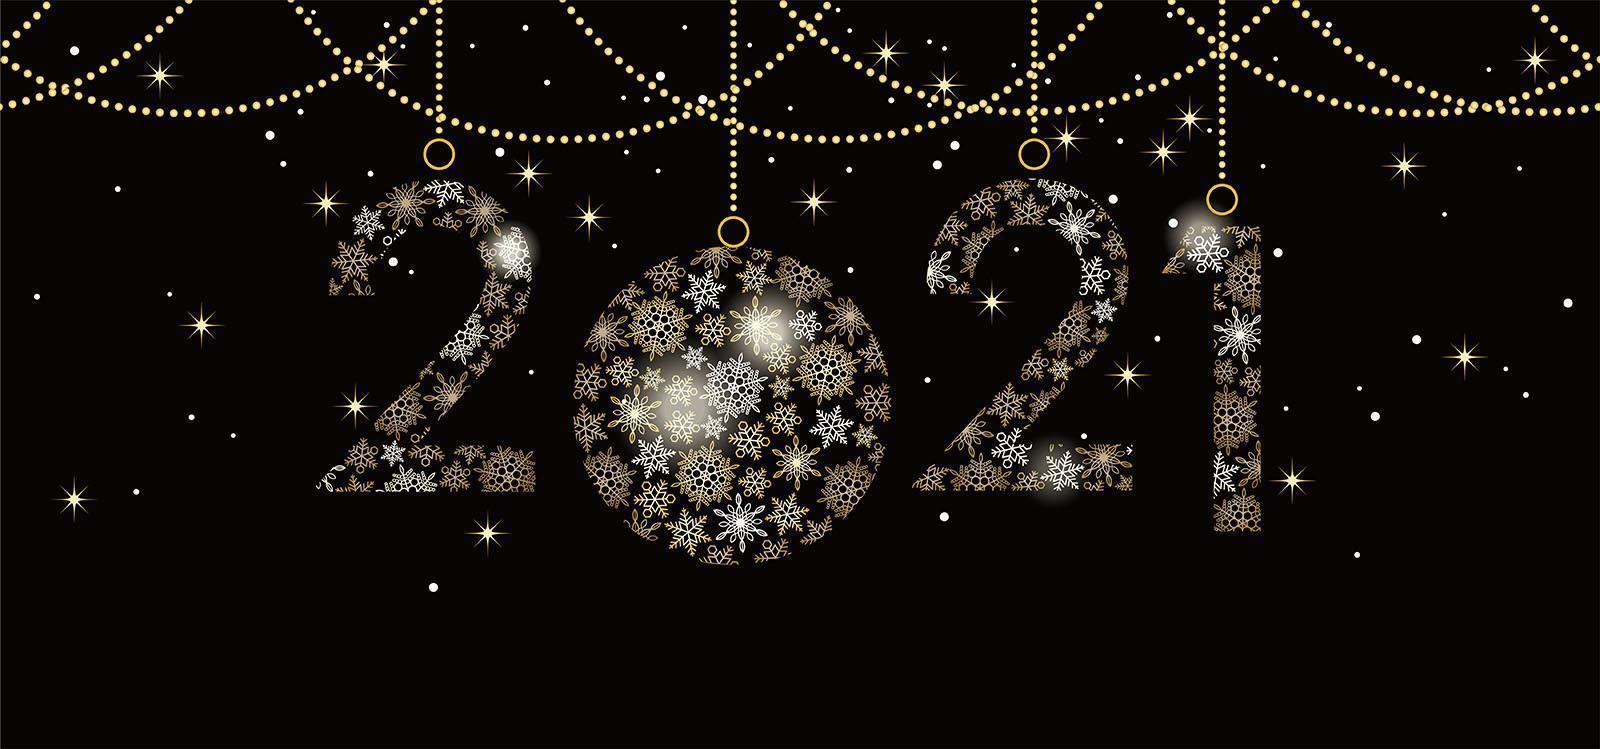 decorazioni festive per celebrare l'anno 2021 vettore